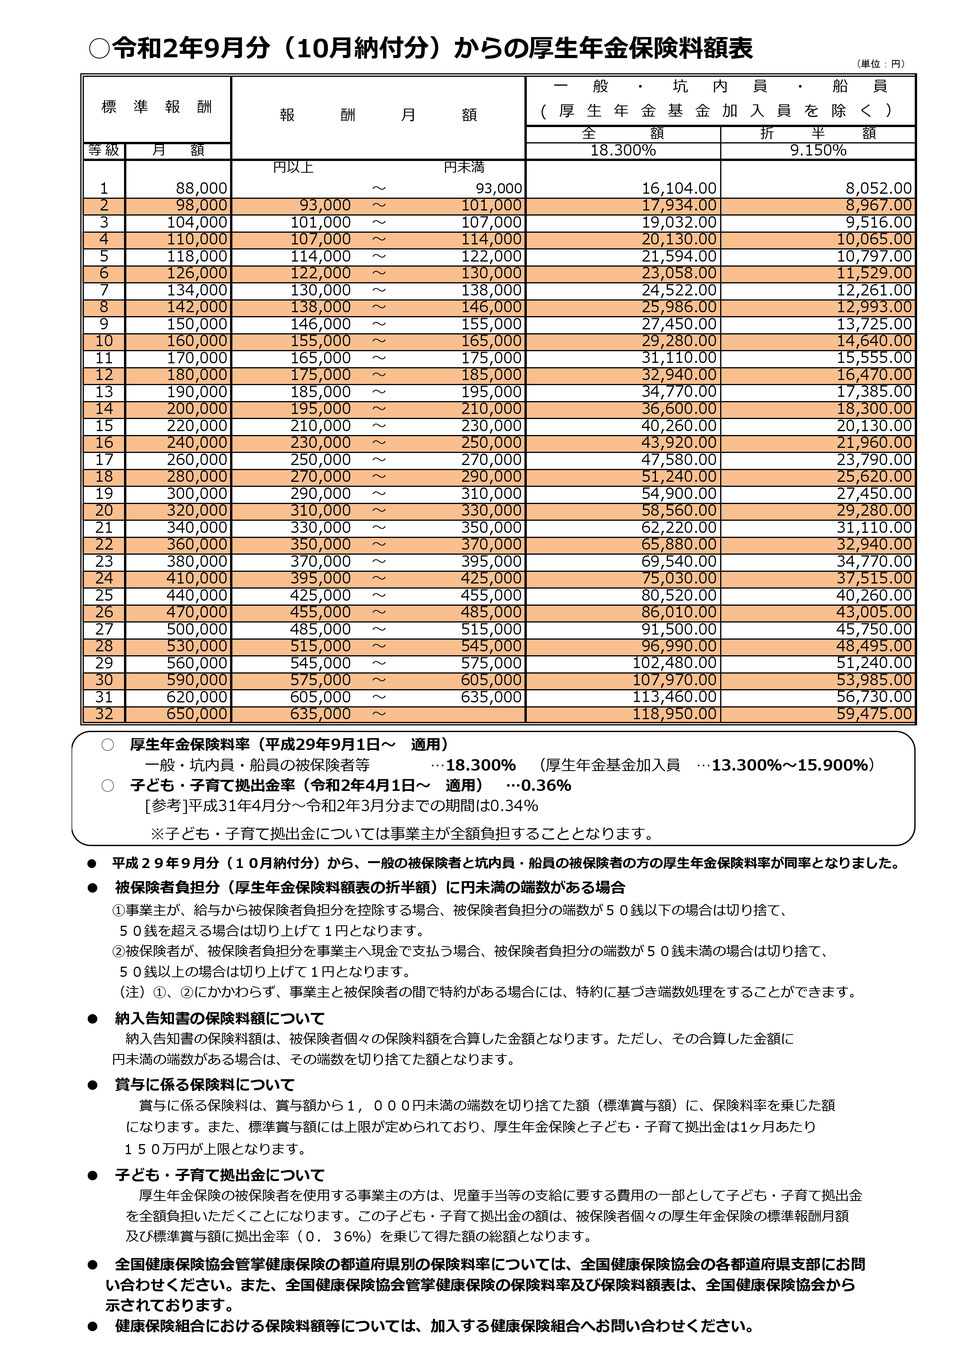 令和2年9月~厚生年金保険料額表